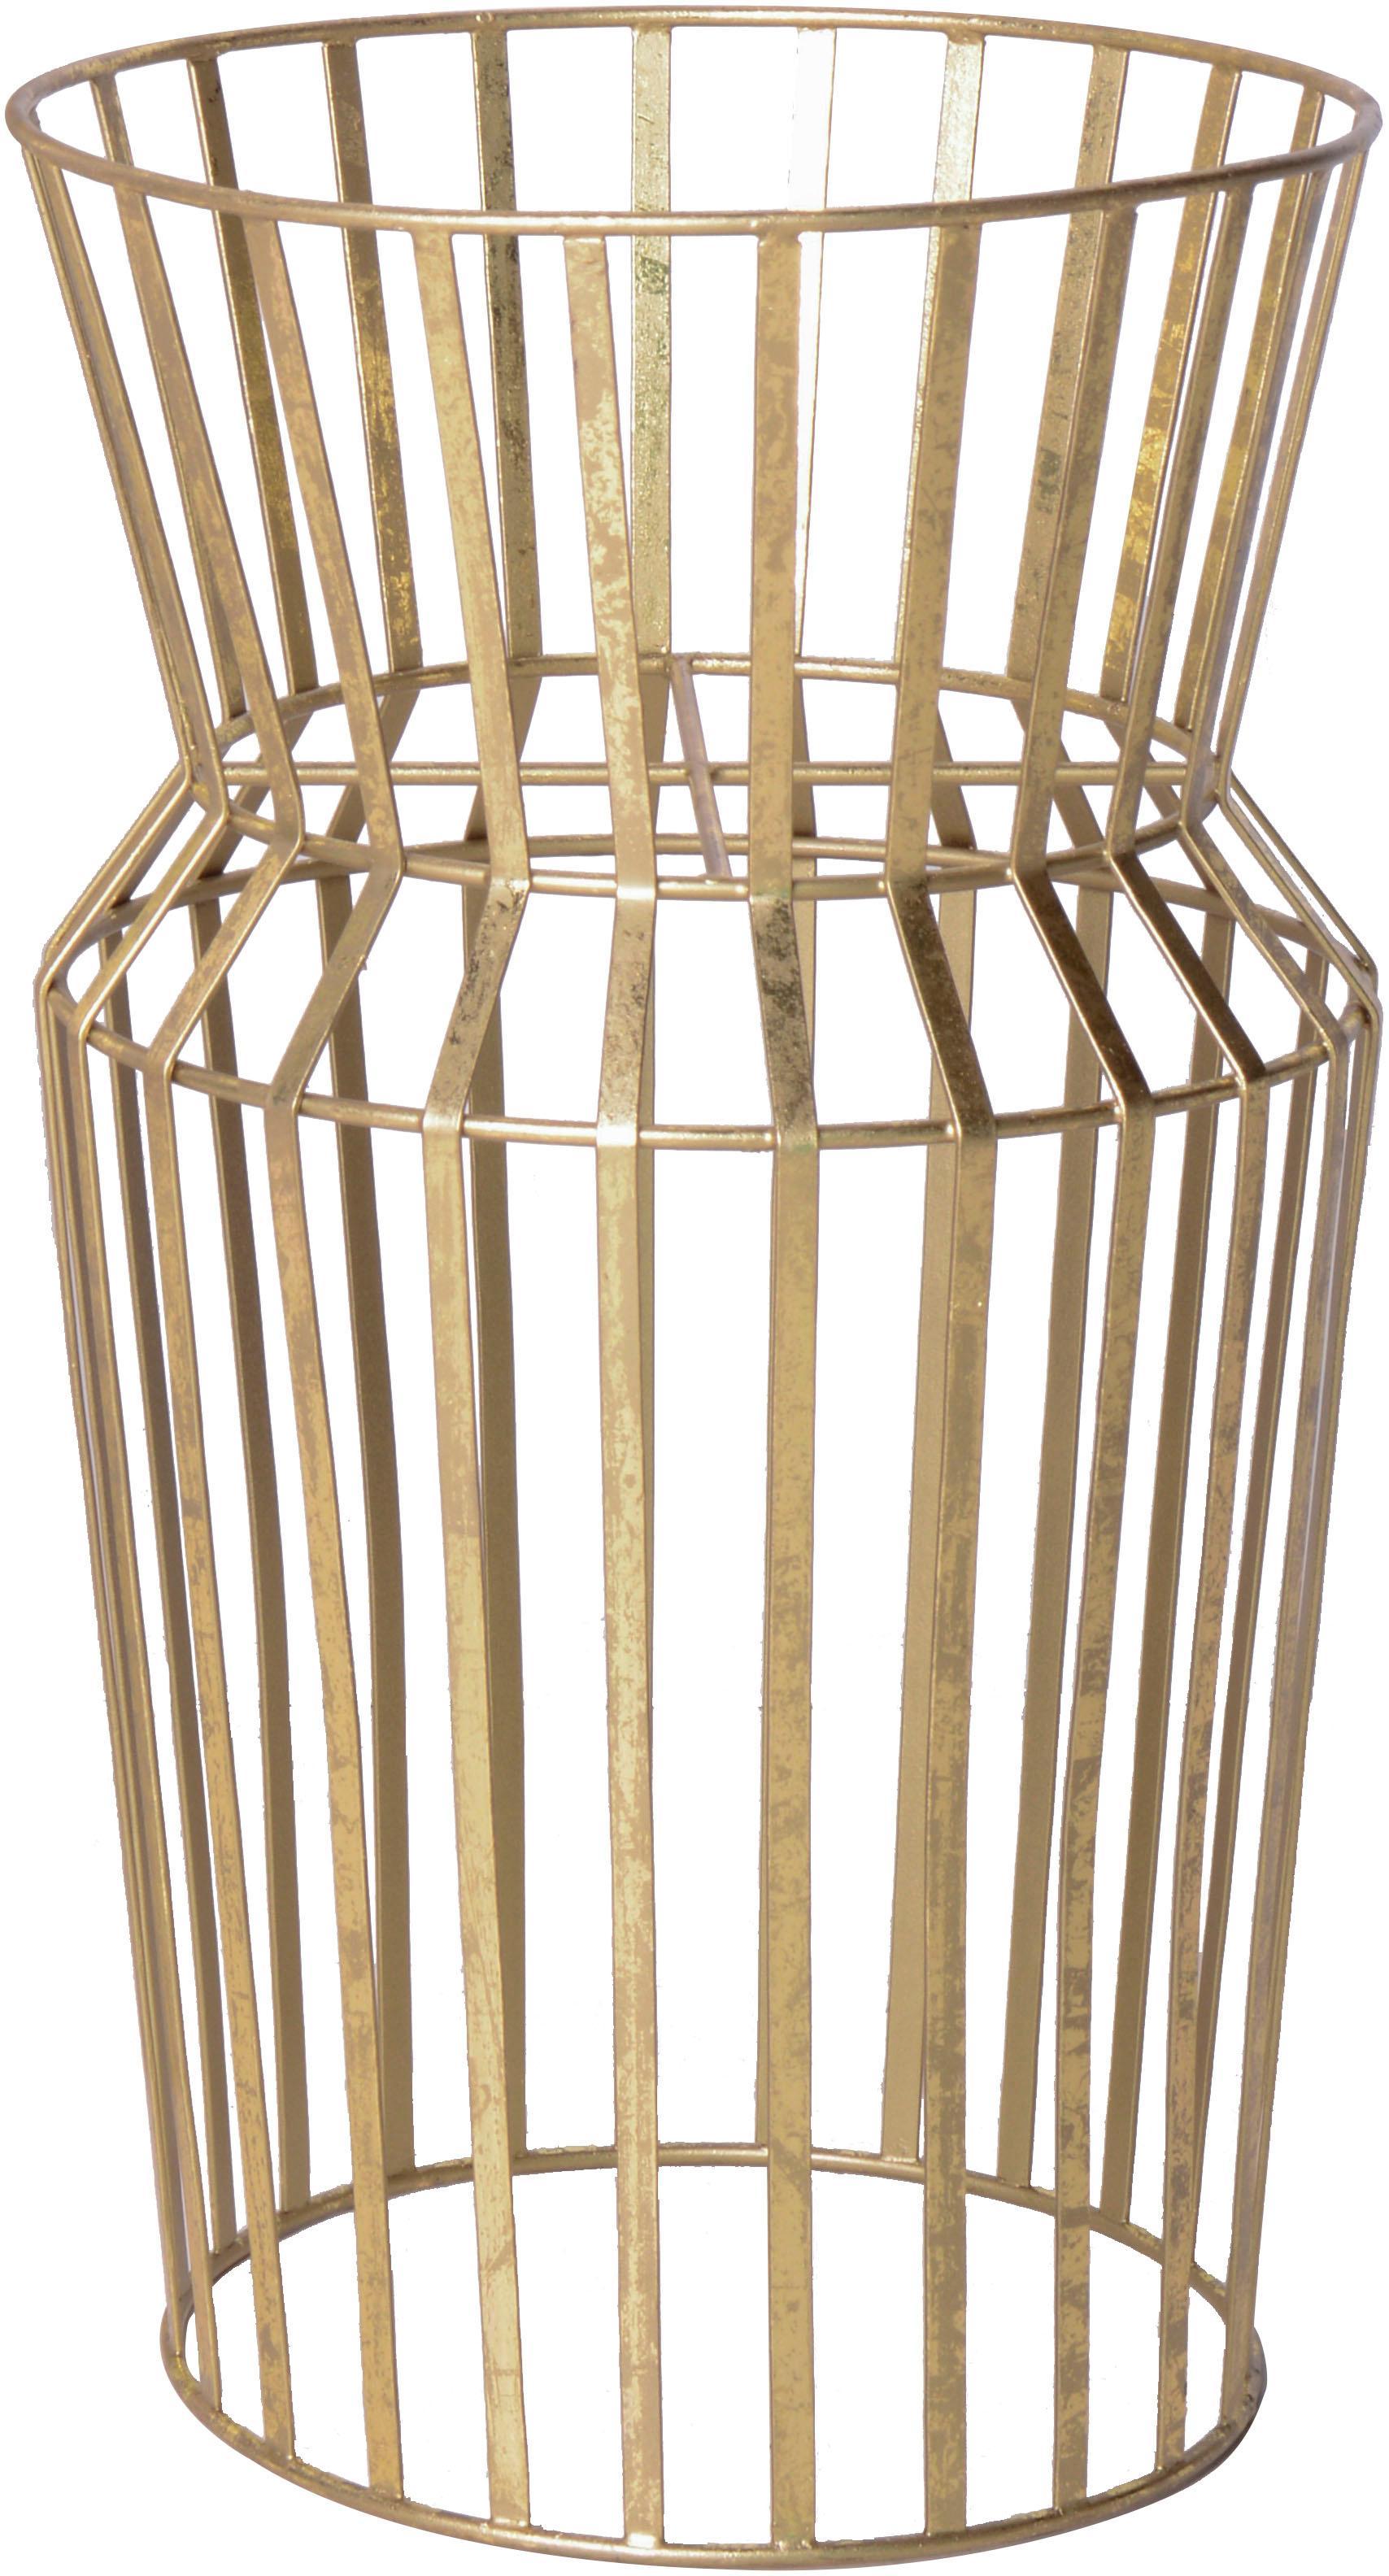 Grote plantenpotstaander Gold van metaal, Gecoat metaal, Messingkleurig, Ø 28 x H 50 cm